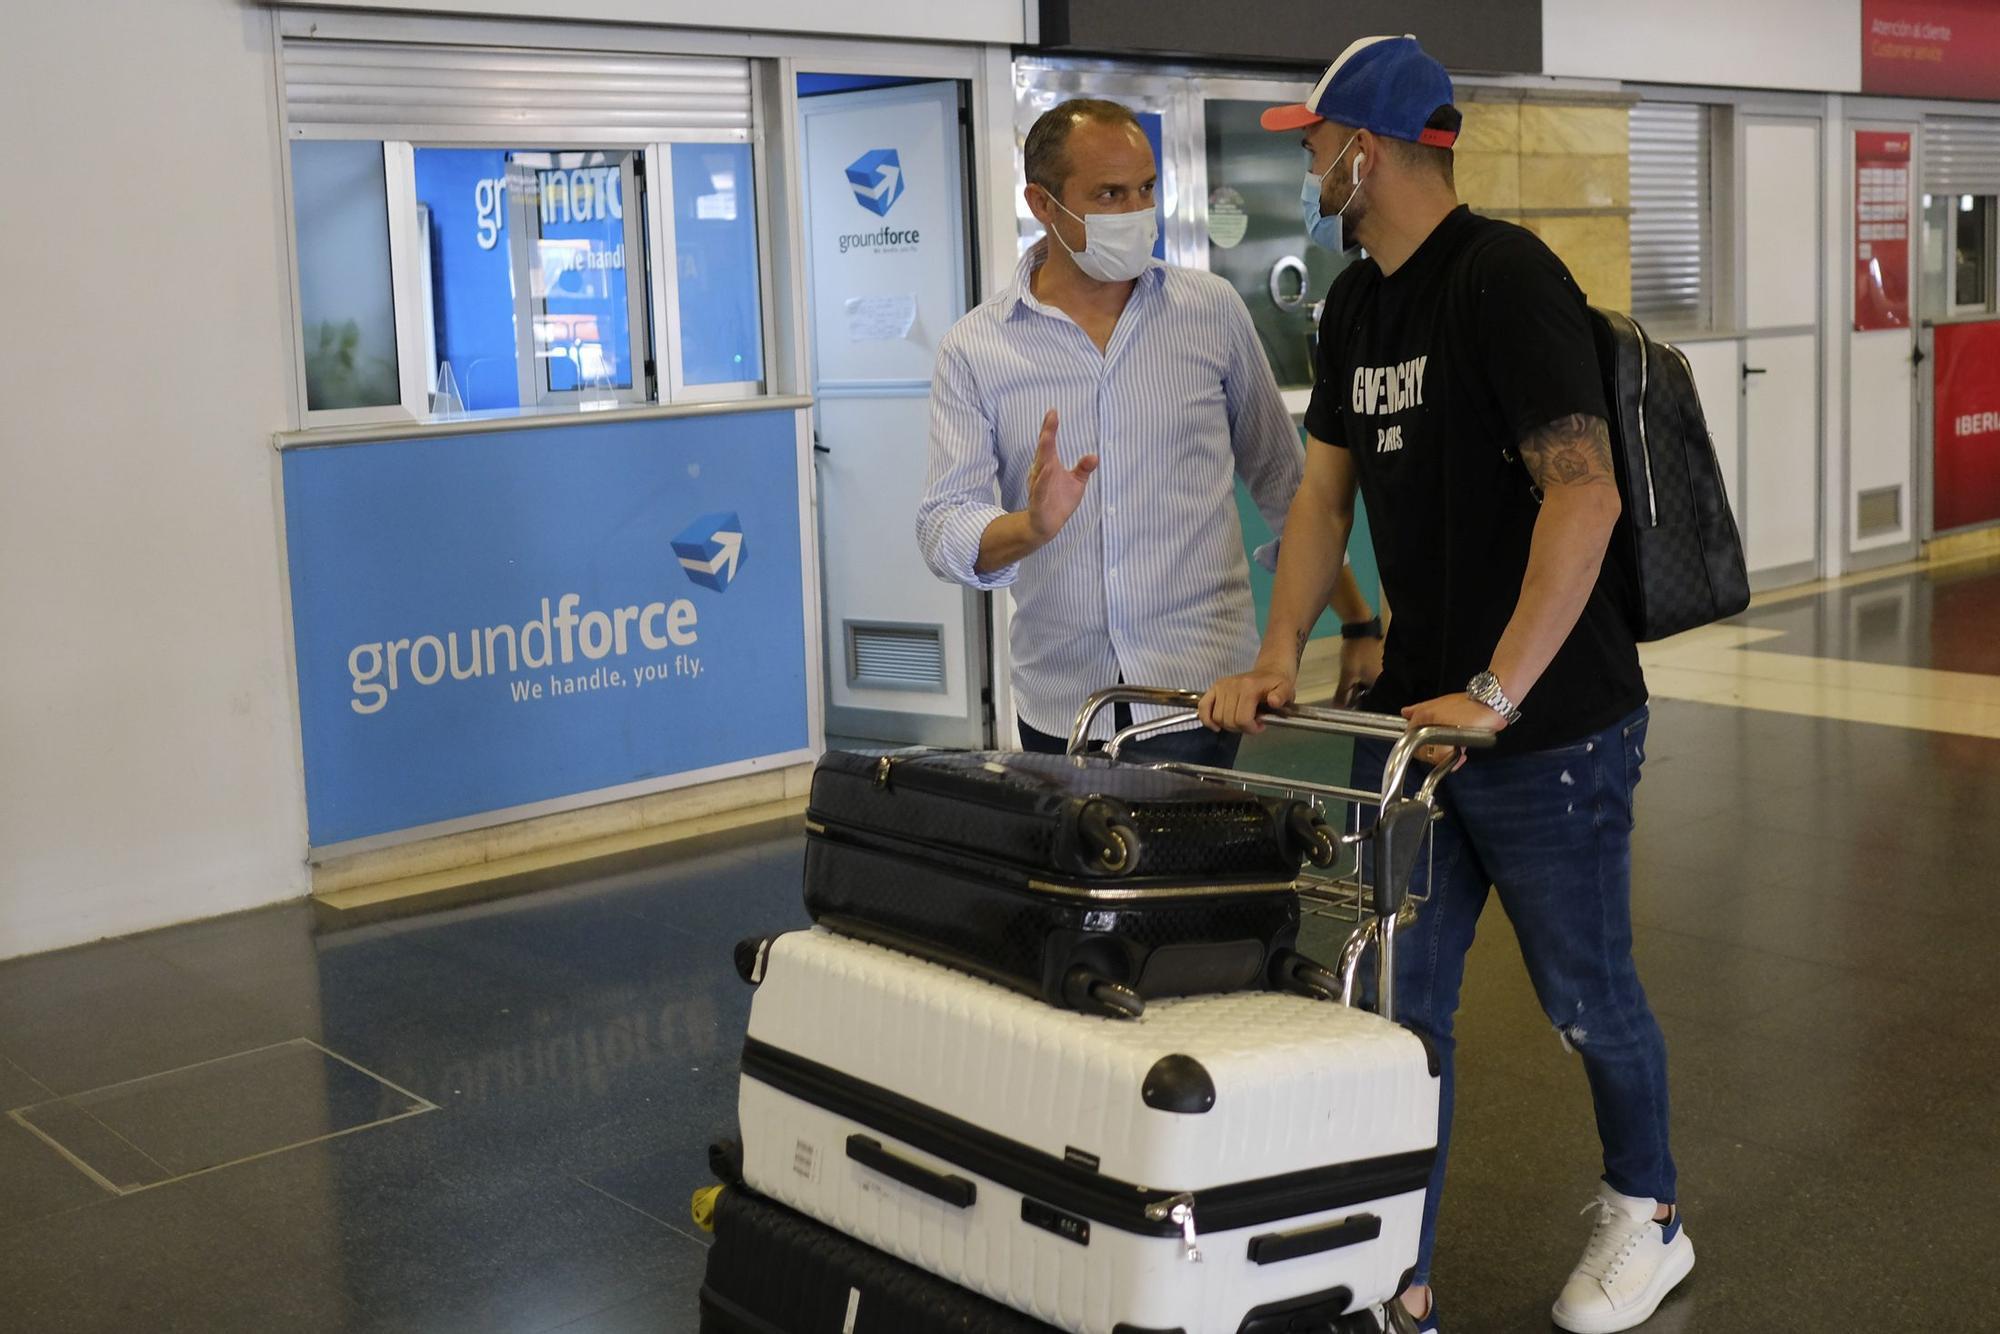 Llegada del delantero Sadiku de la UD Las Palmas al aeropuerto de Gran Canaria (01/07/2021)